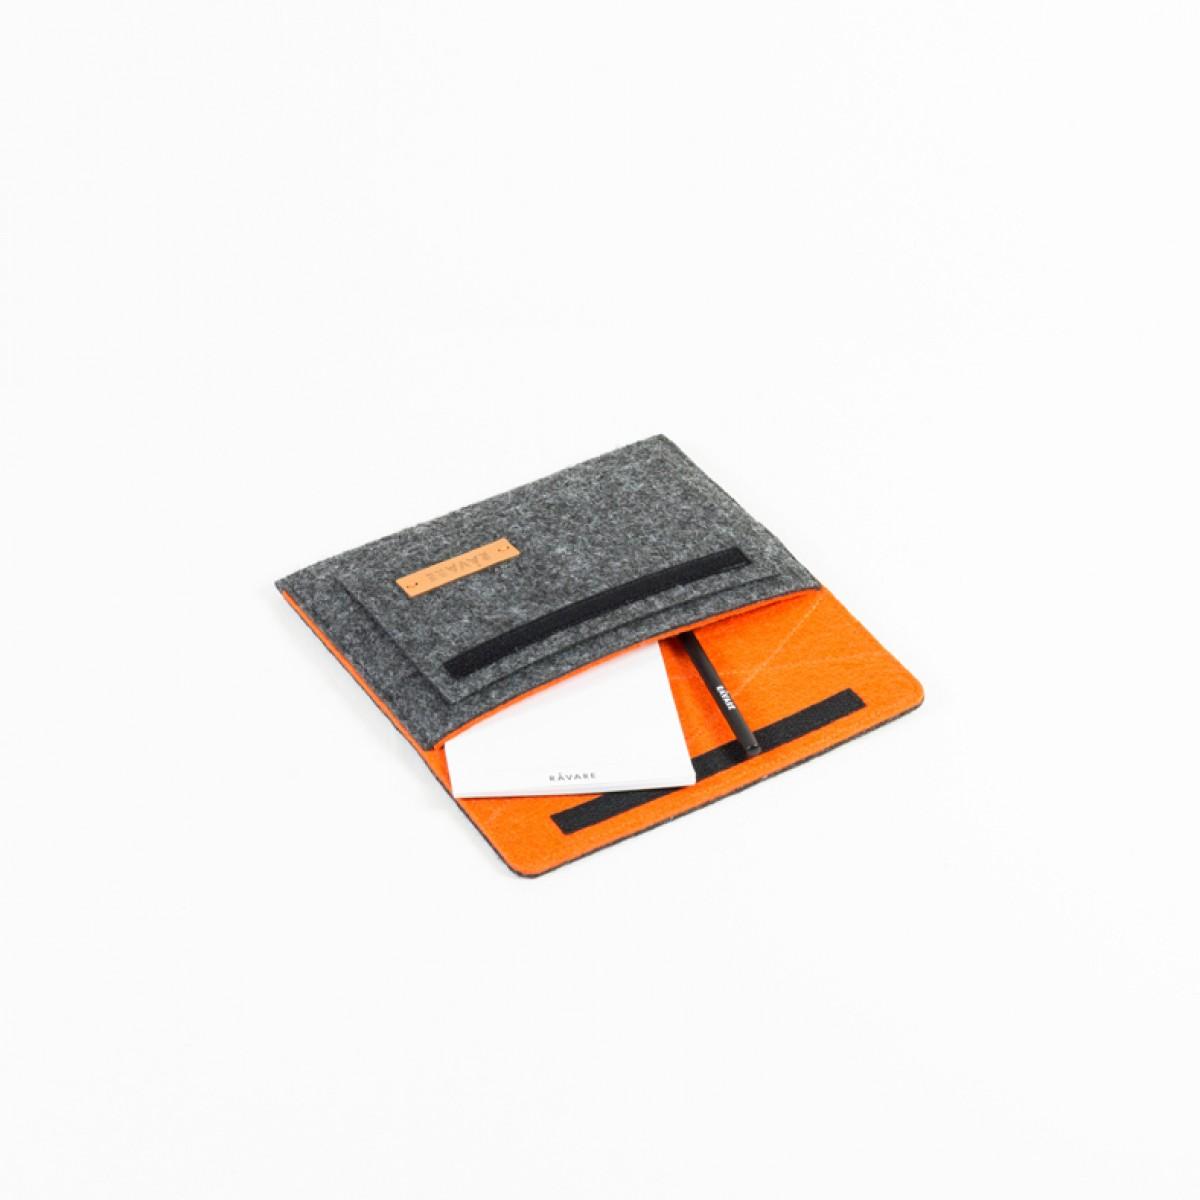 RÅVARE Tablet Sleeve Case Hülle mit Klettlasche für verschiedene Modelle in Größe XS und in verschiedenen Farben [ESMA XS]